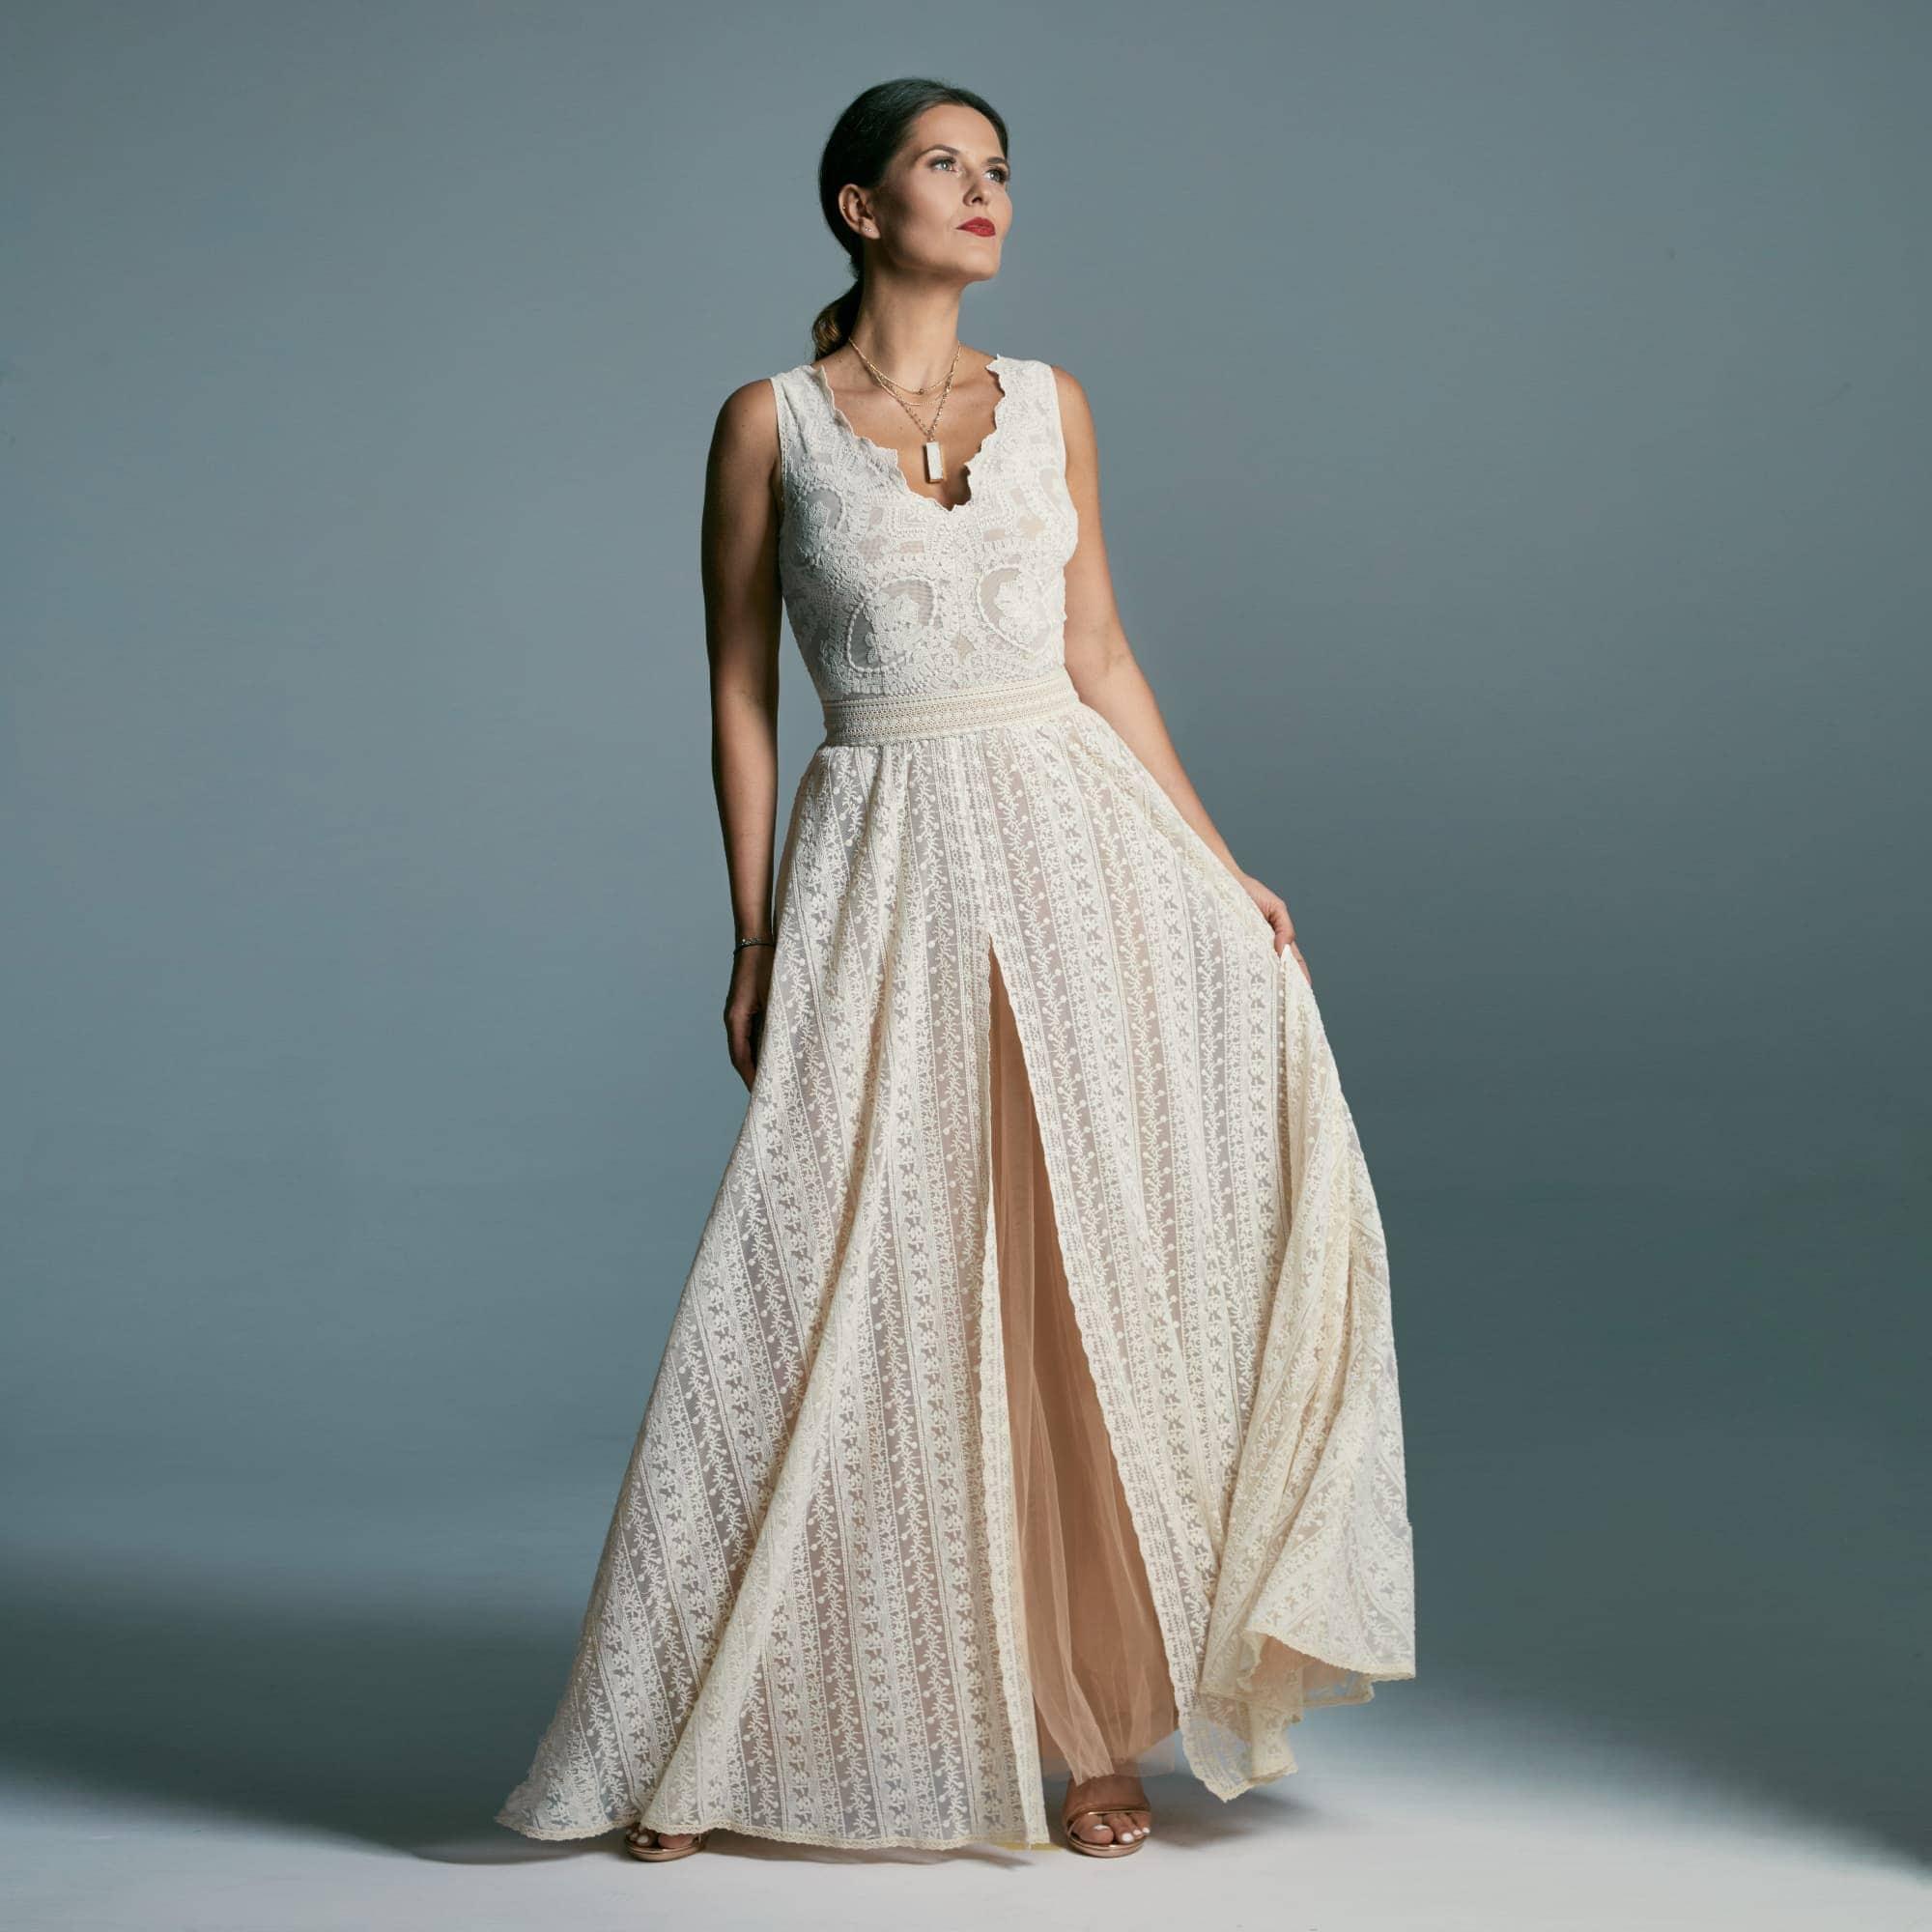 Suknia ślubna klepsydra na szerokich ramiączkach